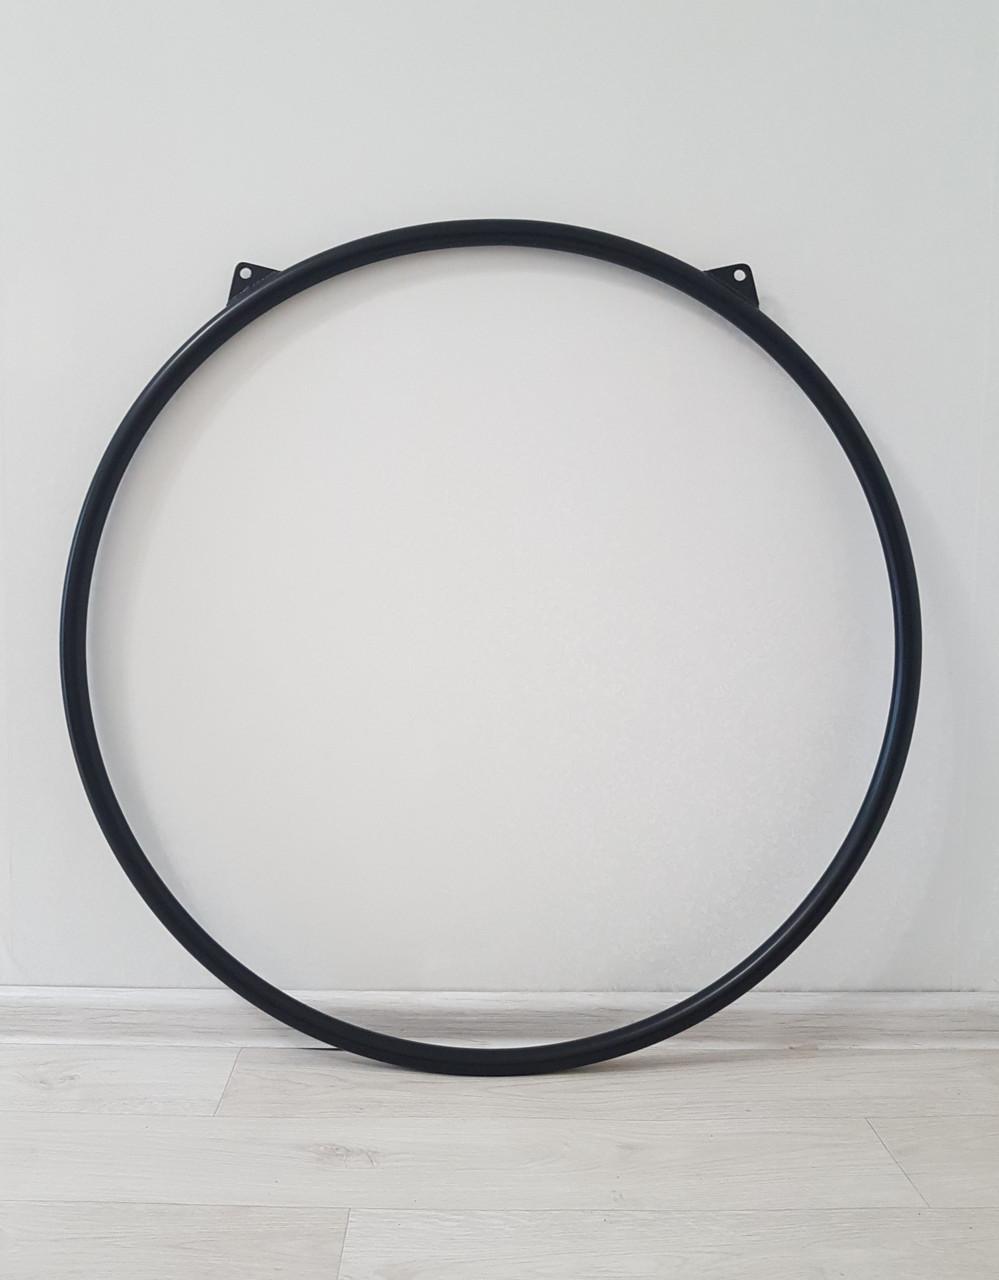 Воздушное кольцо с двумя точками крепления IPSF 90см